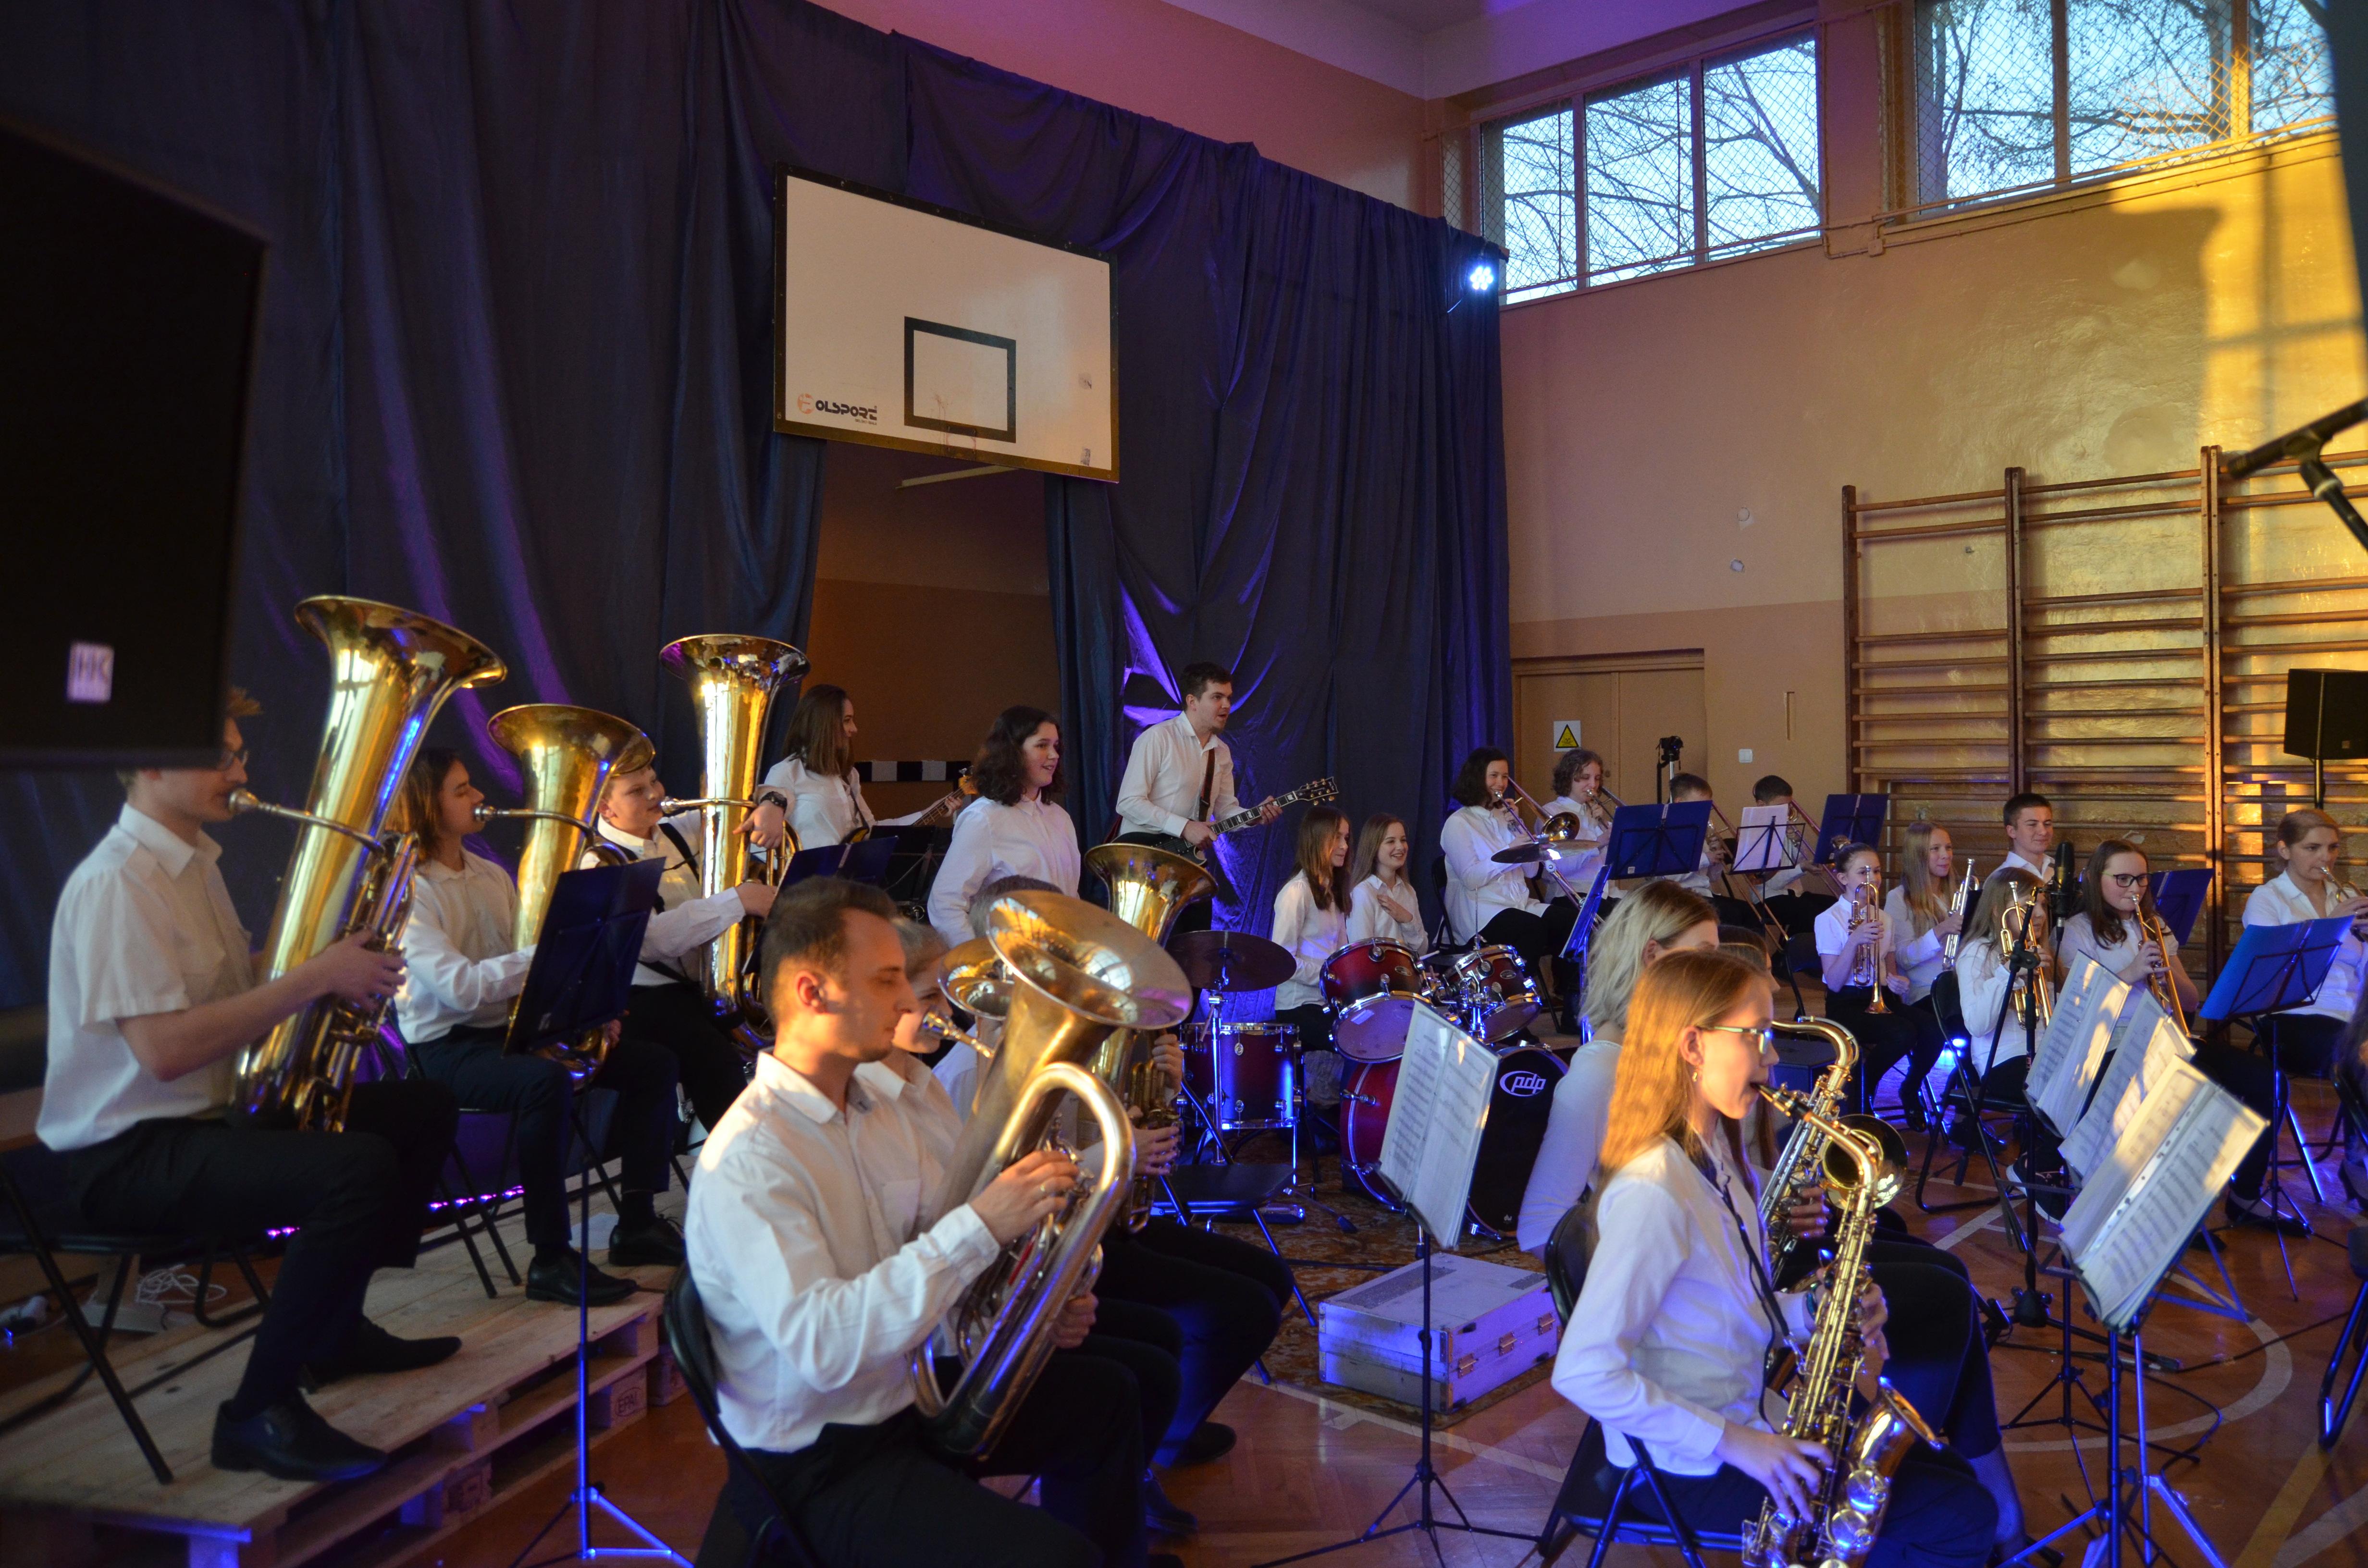 Szkolna Orkiestra Dęta Allegretto obchodziła swoje święto